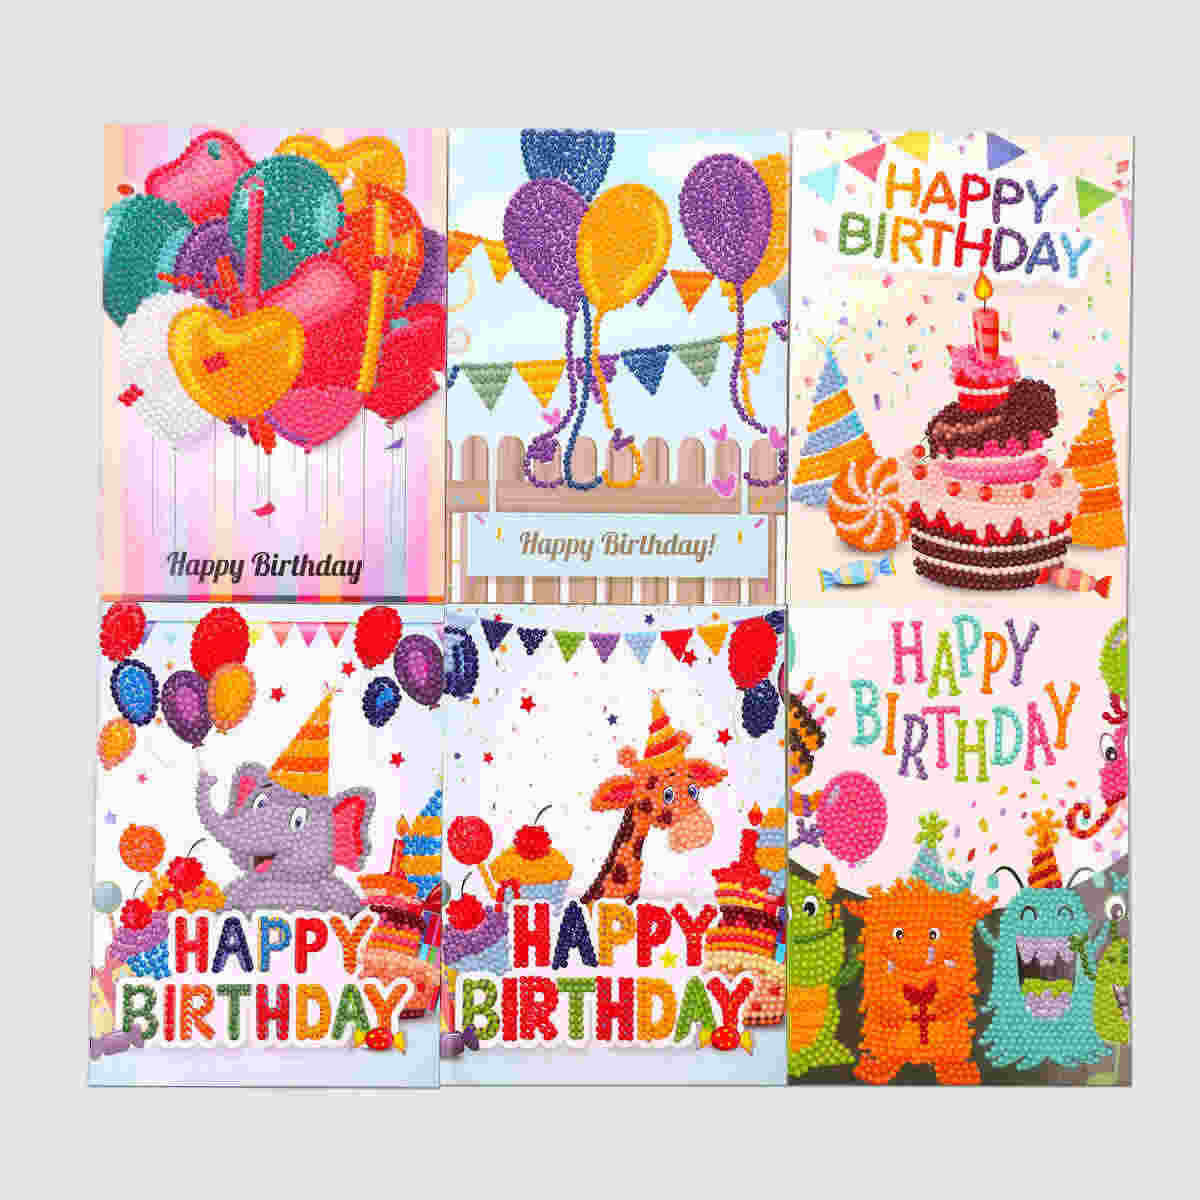 5D DIY картина Рождественская открытка День благодарения Алмазная вышивка на день рождения бумага DIY открытка с днем рождения мультфильм Ремесло детей